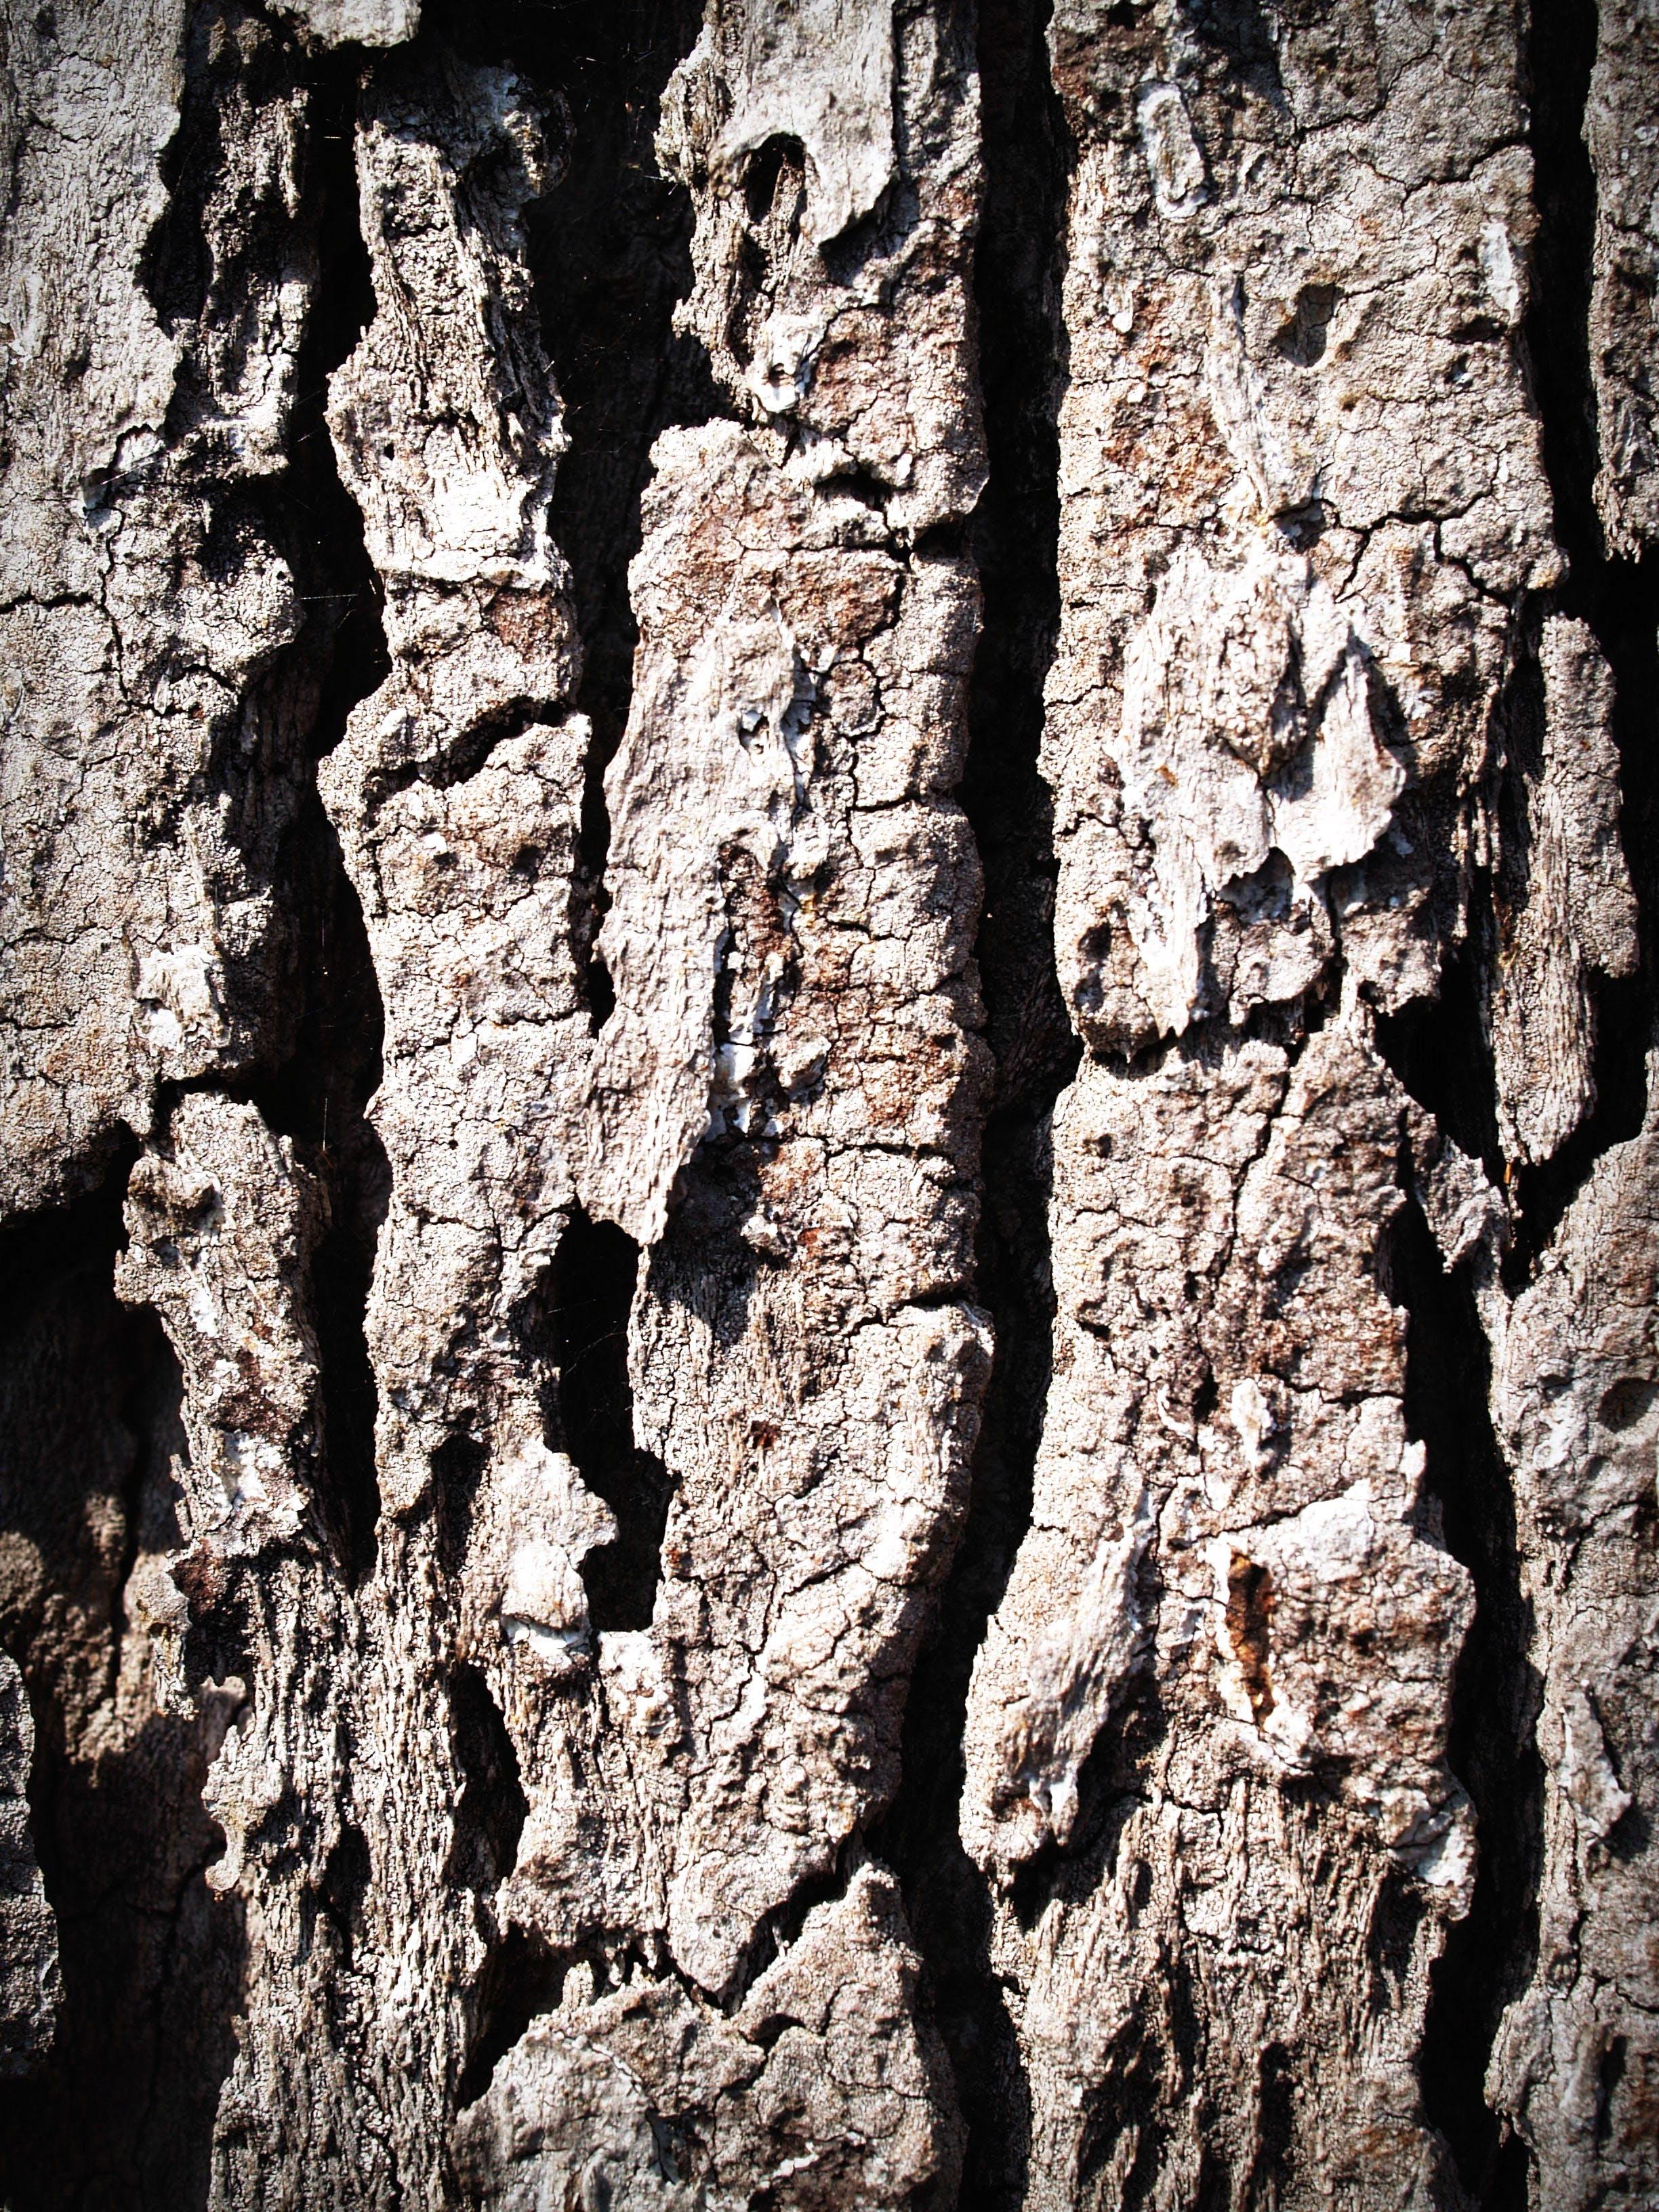 거친, 건조한, 나무, 나무 껍질의 무료 스톡 사진